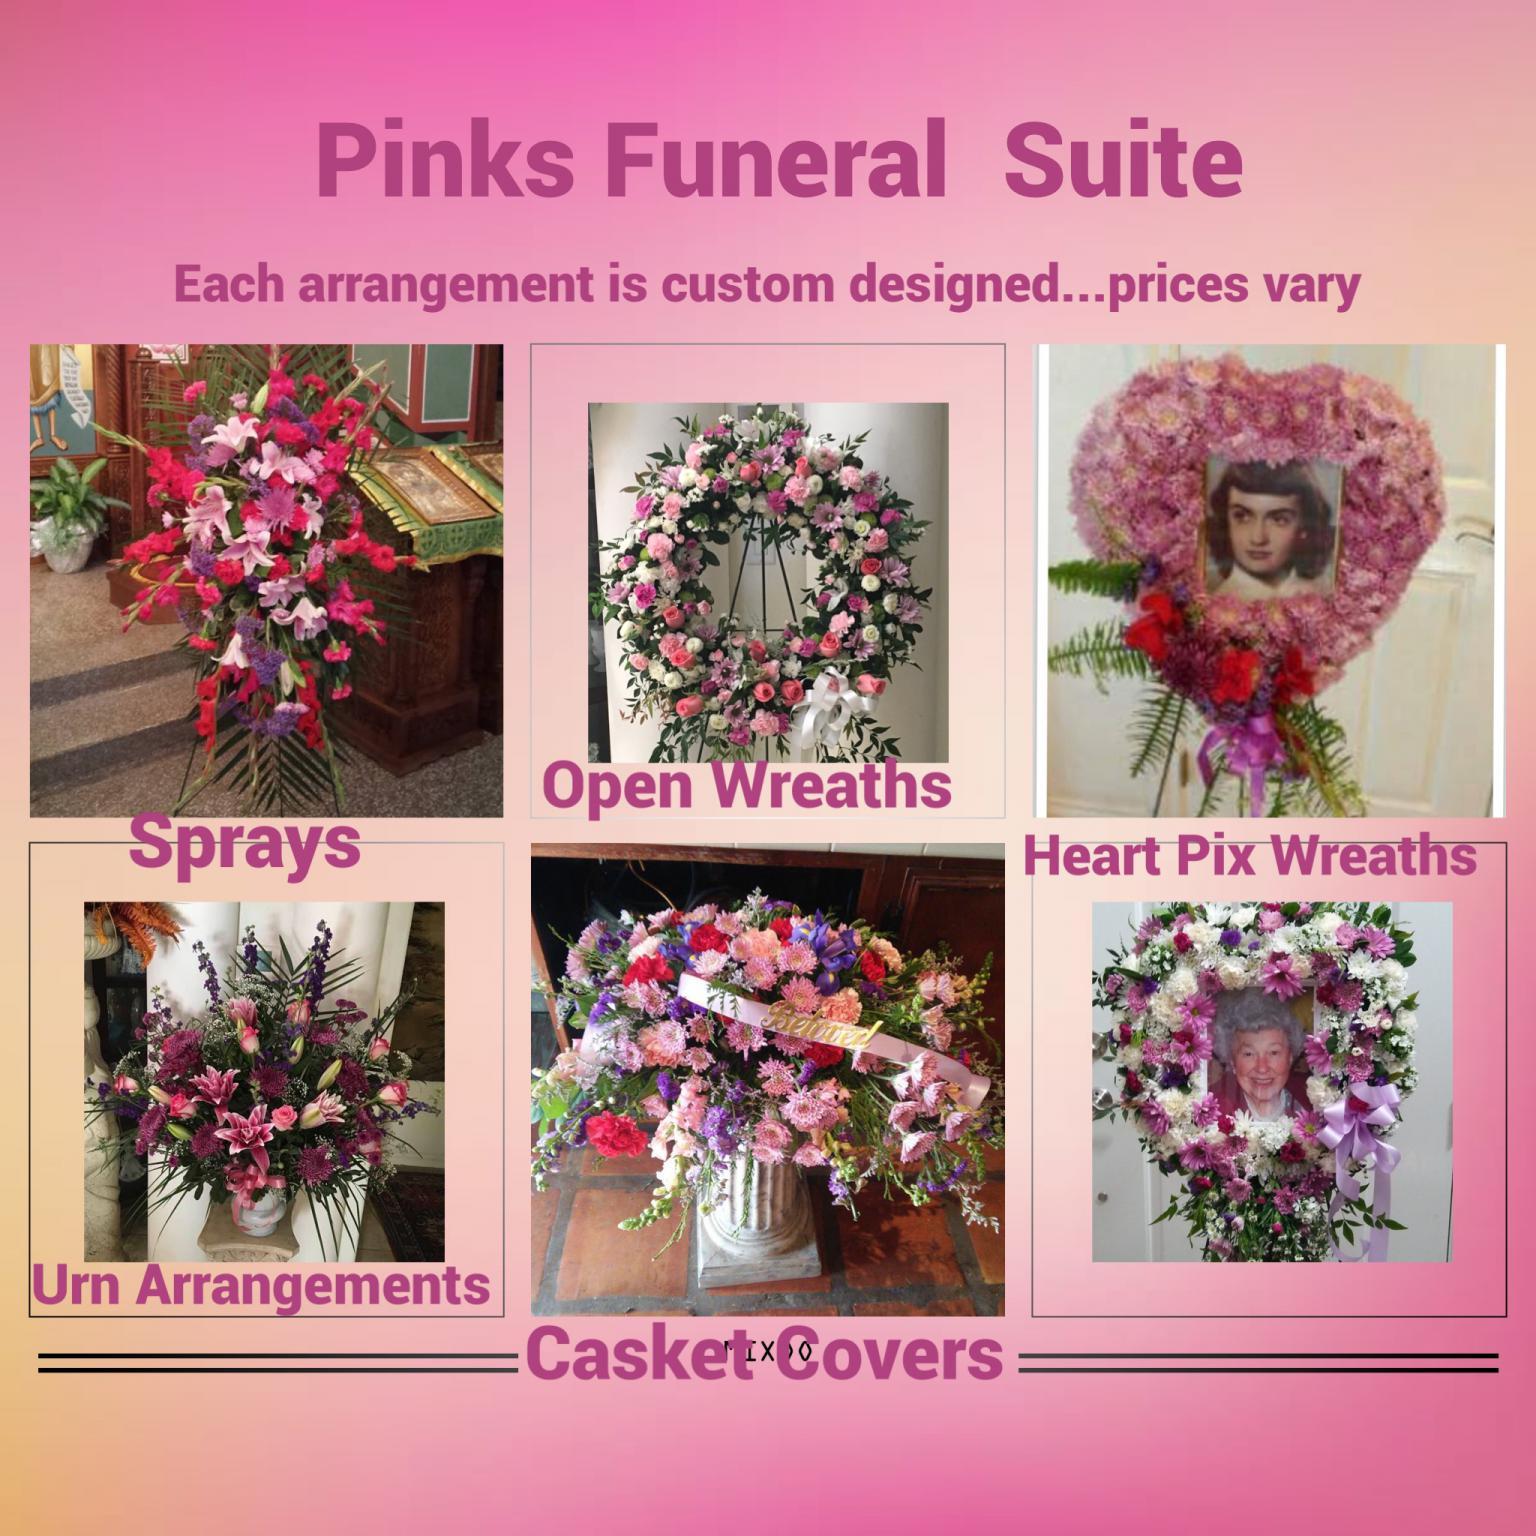 Funeral sympathy flowers funeralpinksuite funerals pink suite000 izmirmasajfo